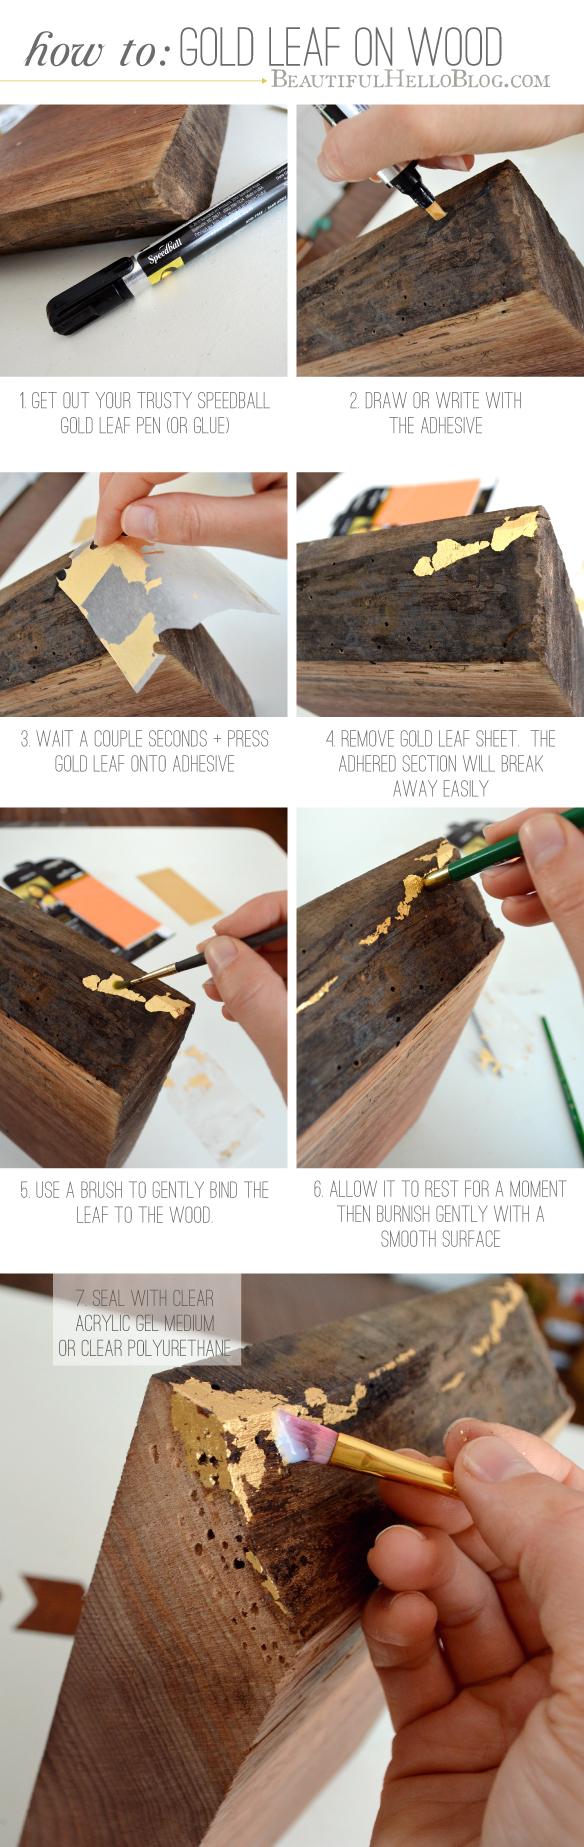 gold leaf DIY : Beautiful Hello Blog